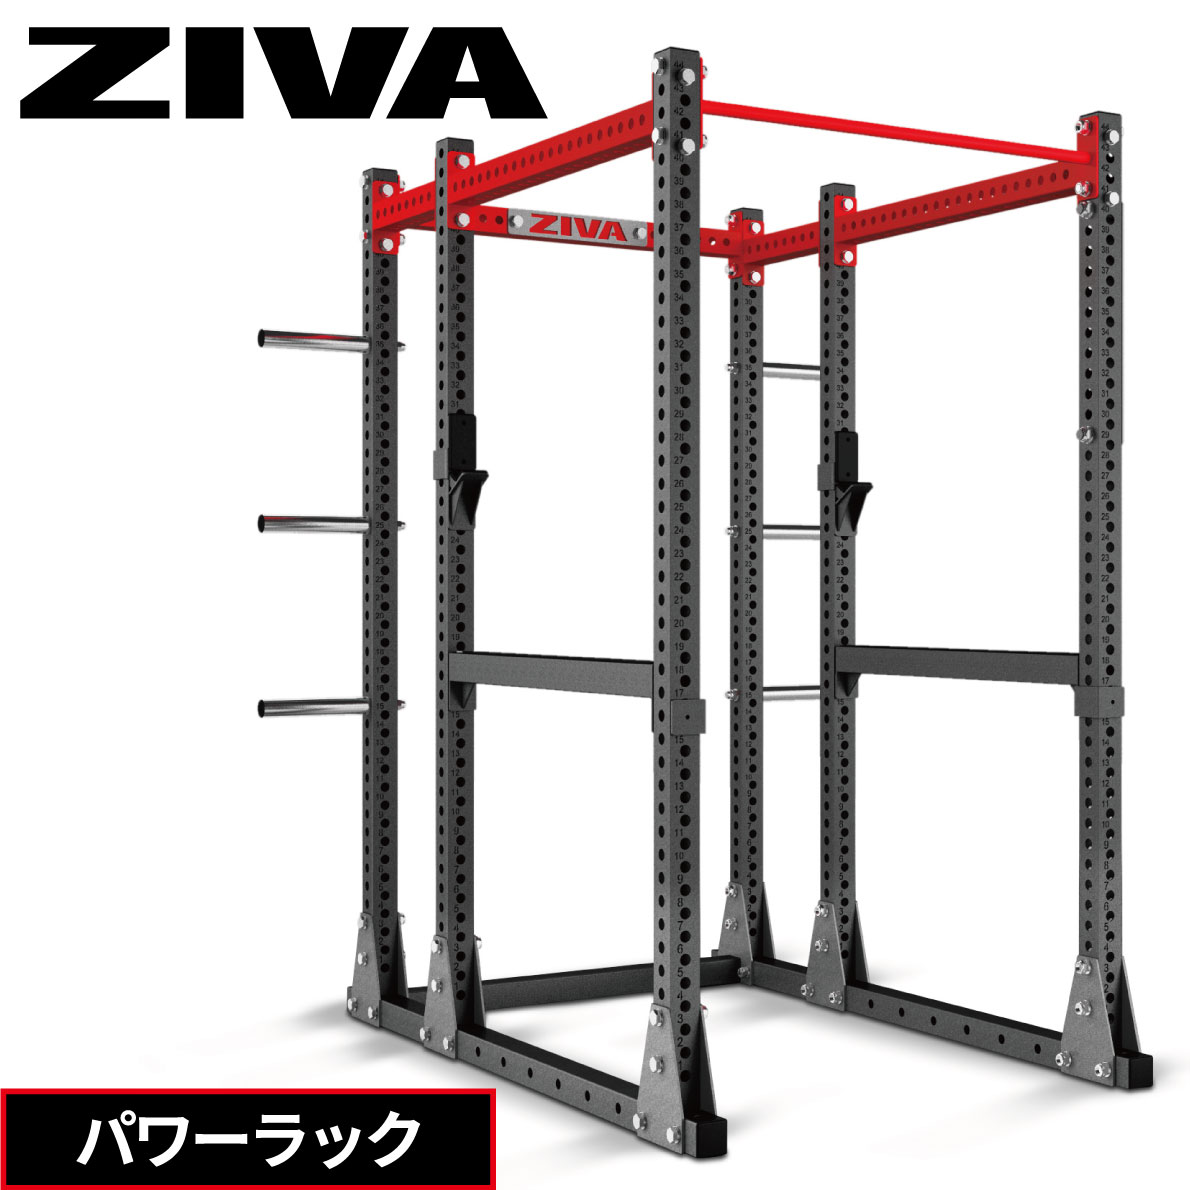 パワーラック ZIVA ジーヴァ ウエイトトレーニング 筋力トレーニング フリーウエイト ボックスタイプ ホームジム パワーケージ セーフティアーム 業務用 家庭用